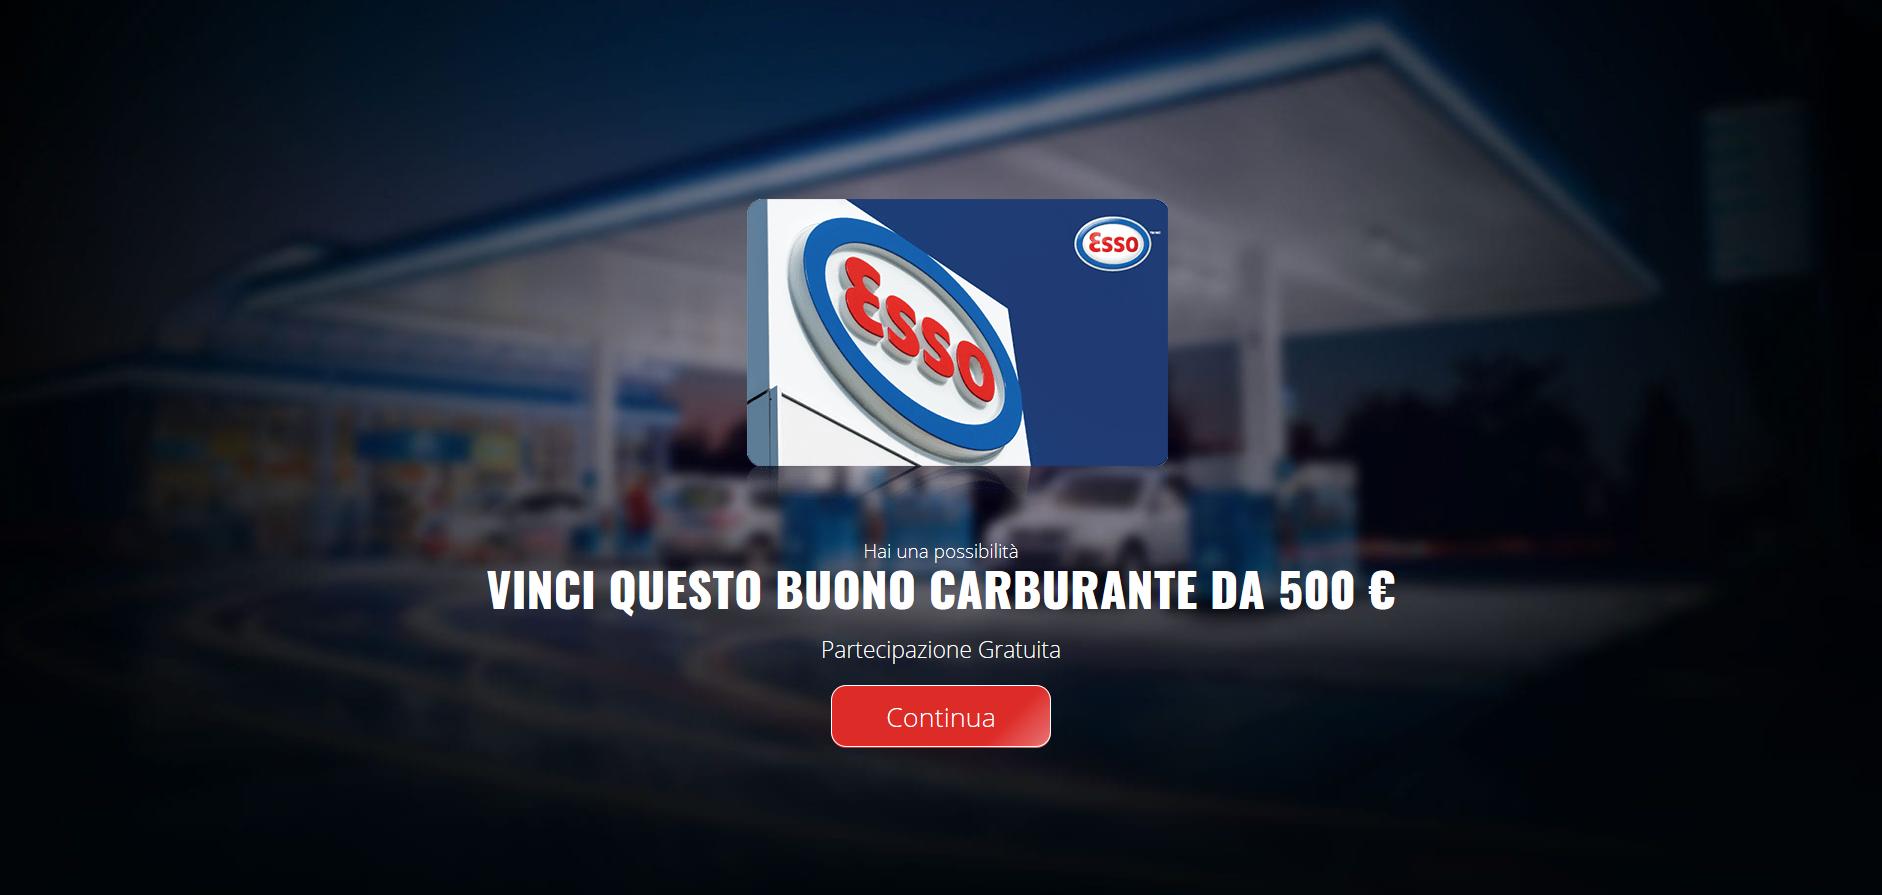 Clicca per ingrandire l'immagine della pagina web che compare che indirizza l'utente a provare a partecipare per vincere un buono carburante ESSO del valore di 500 Euro ma che in realtà è una TRUFFA!